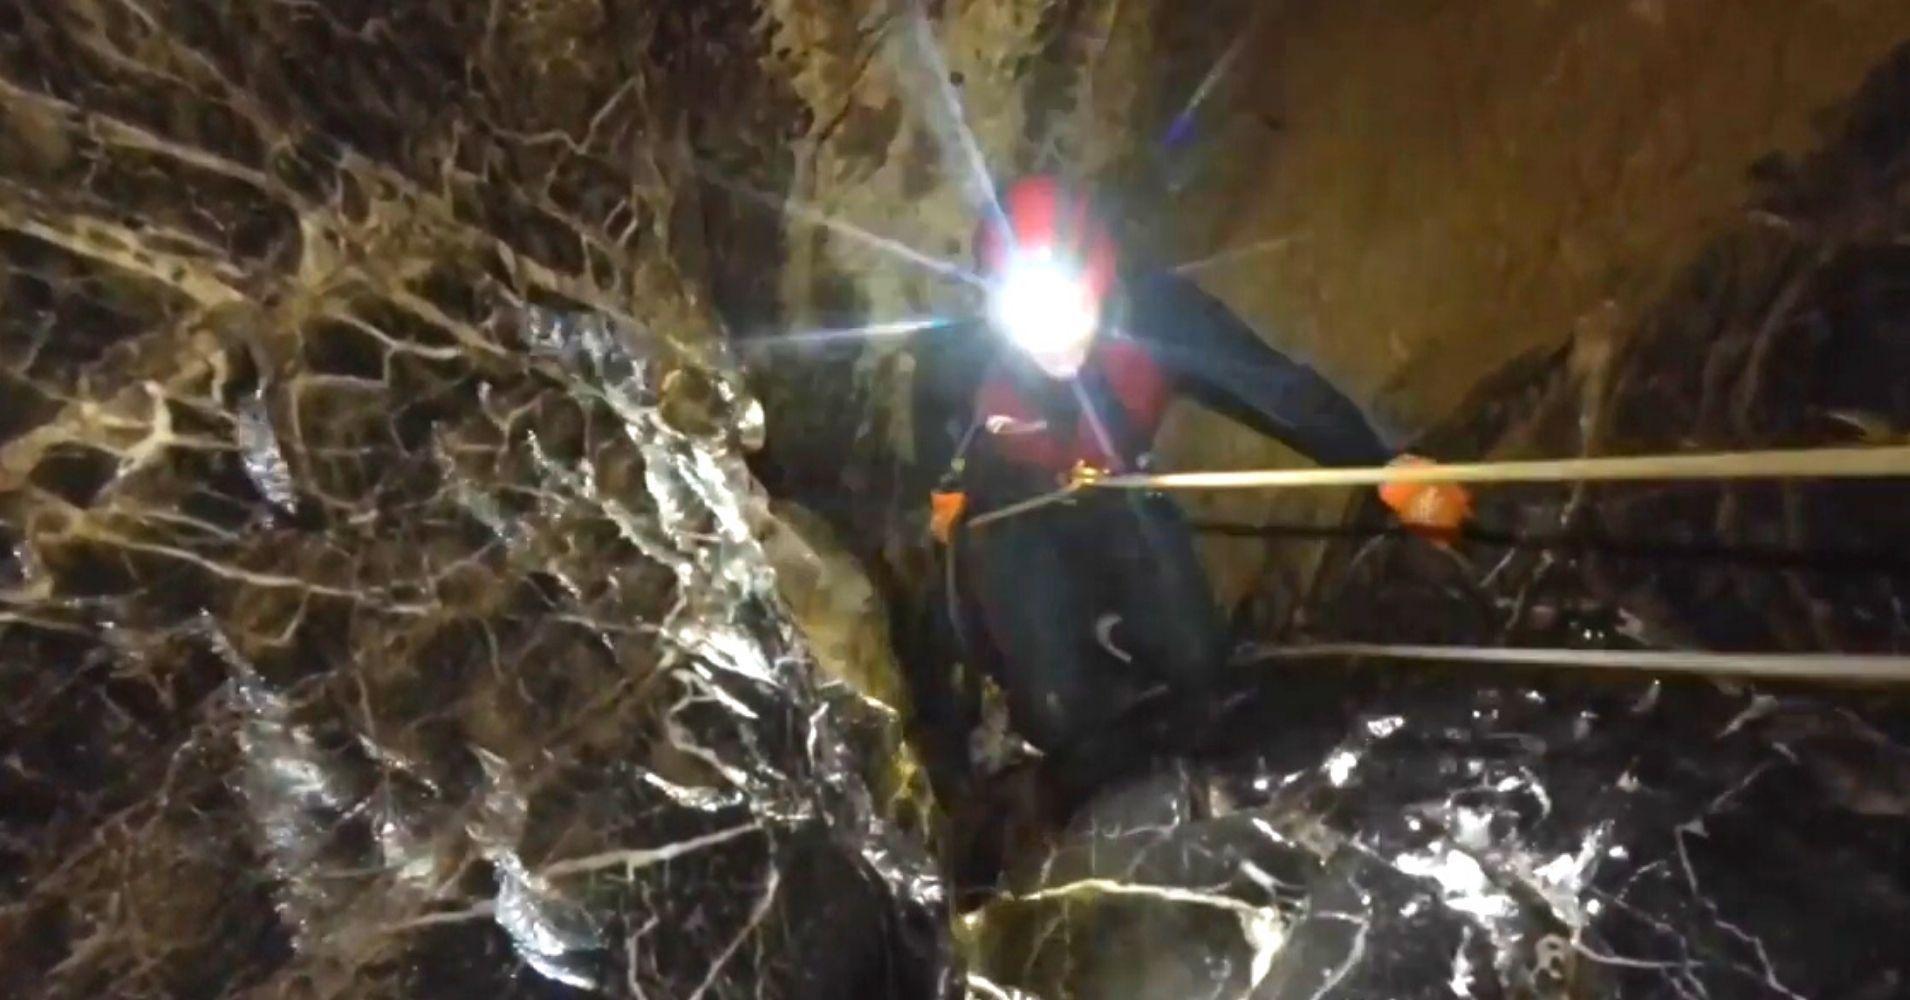 Rapelando en el Paso de la 'M'. Espeleobarranquismo Cueva de Valporquero. Vegacervera, León. Castilla y León.